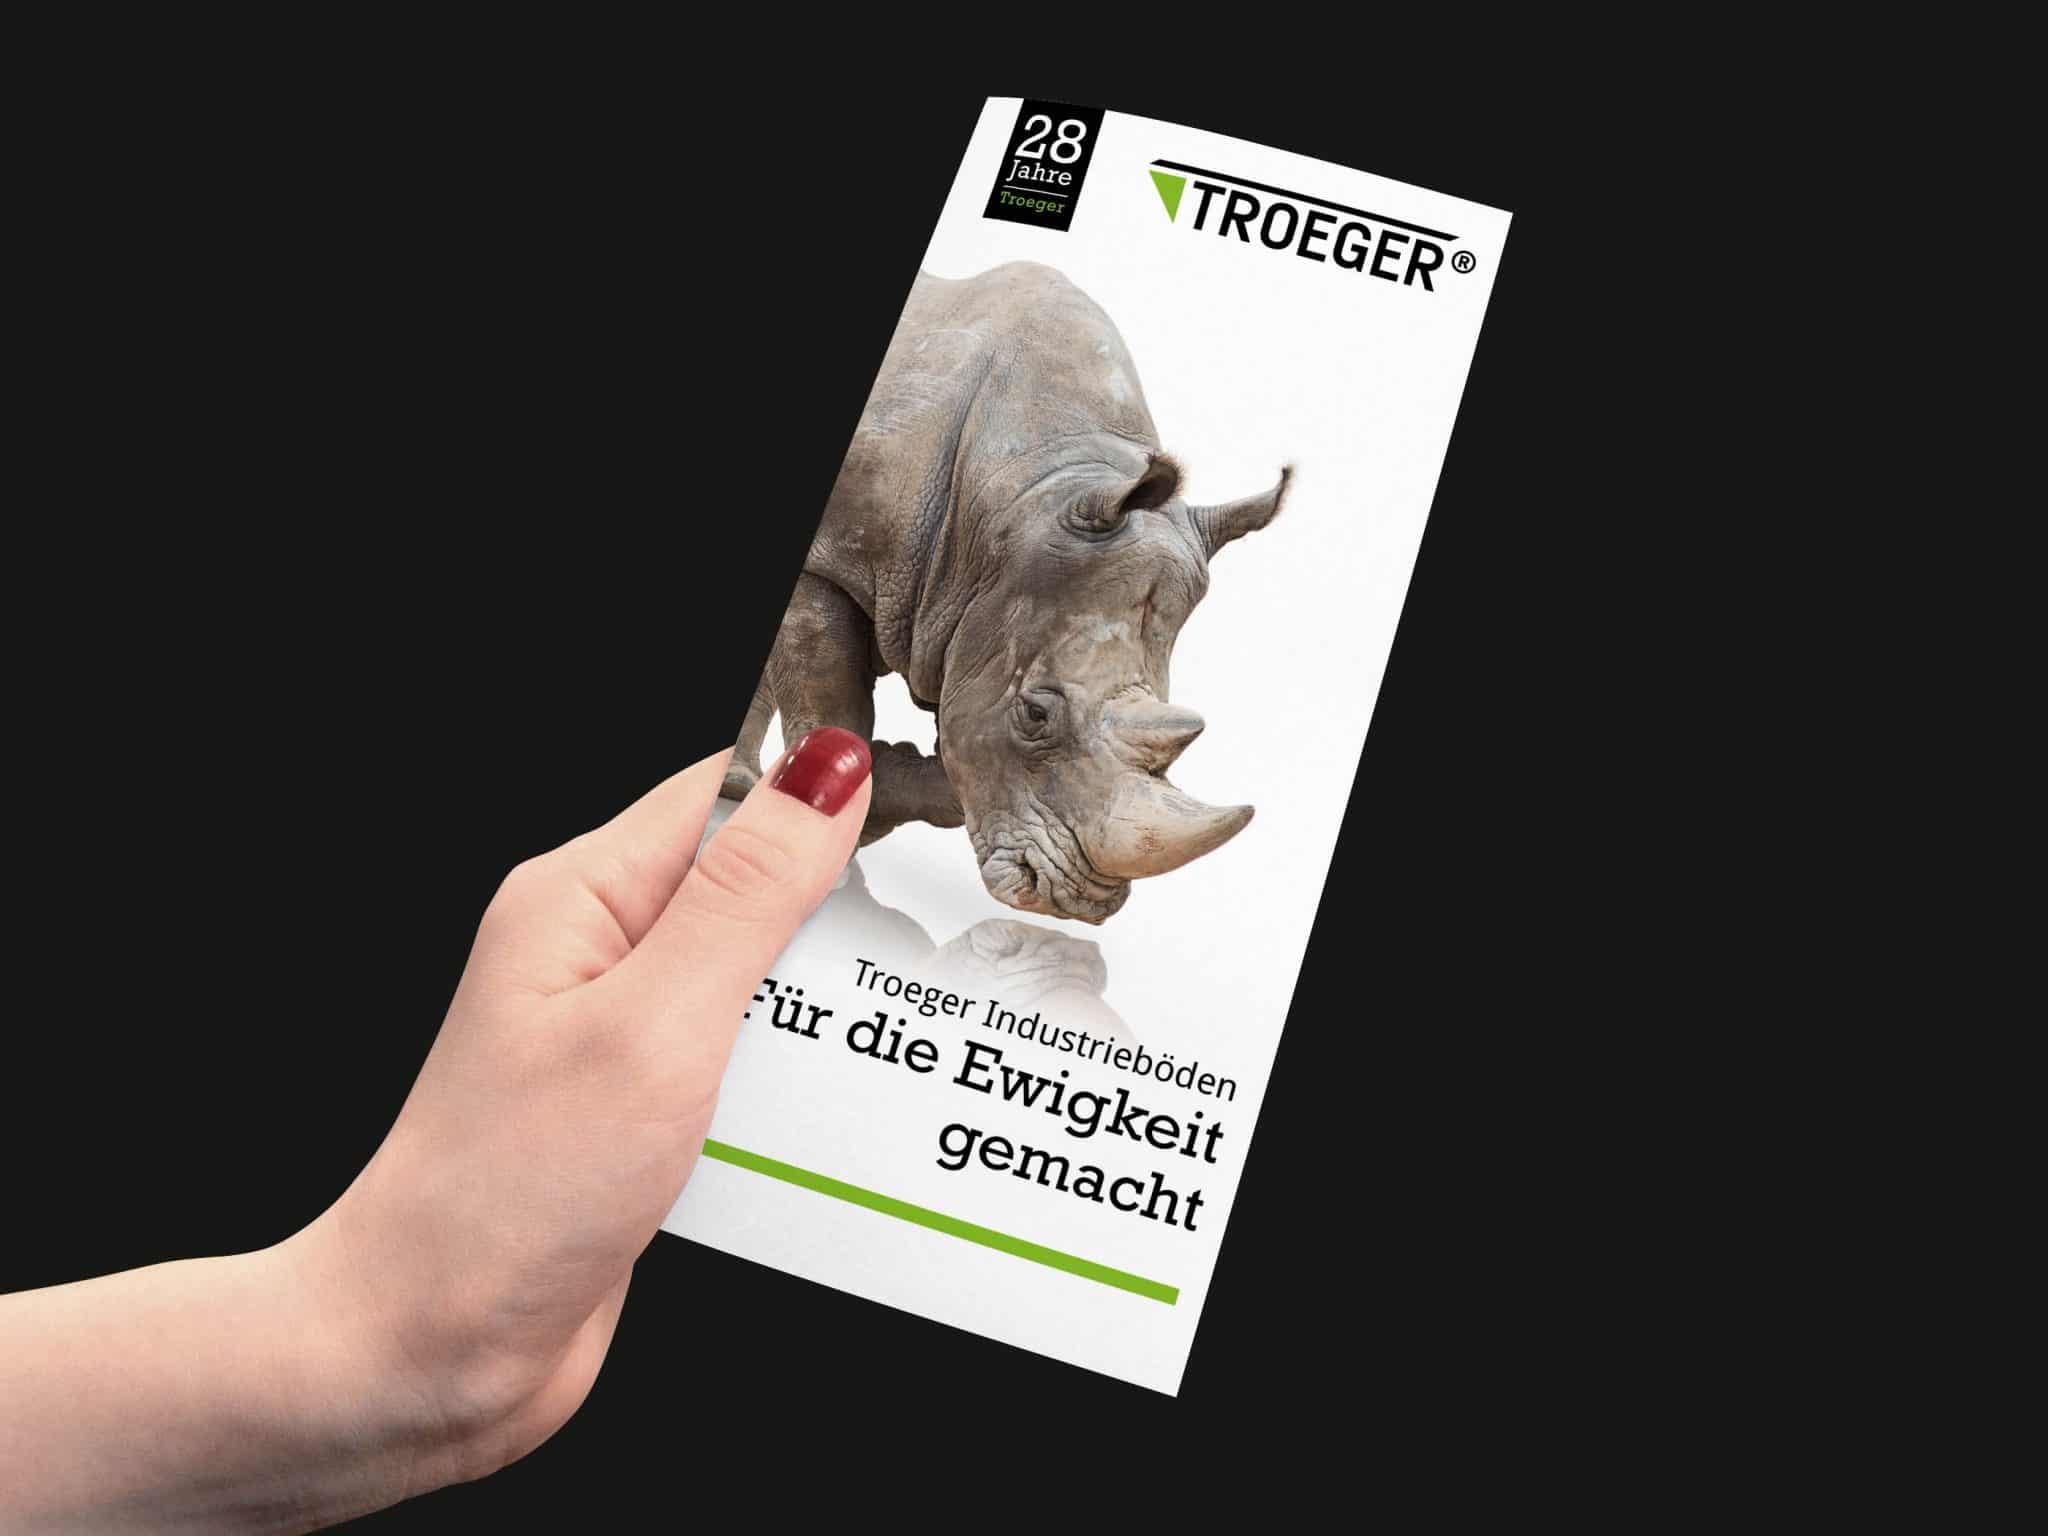 Werbung Vorderseite Folder in der Hand